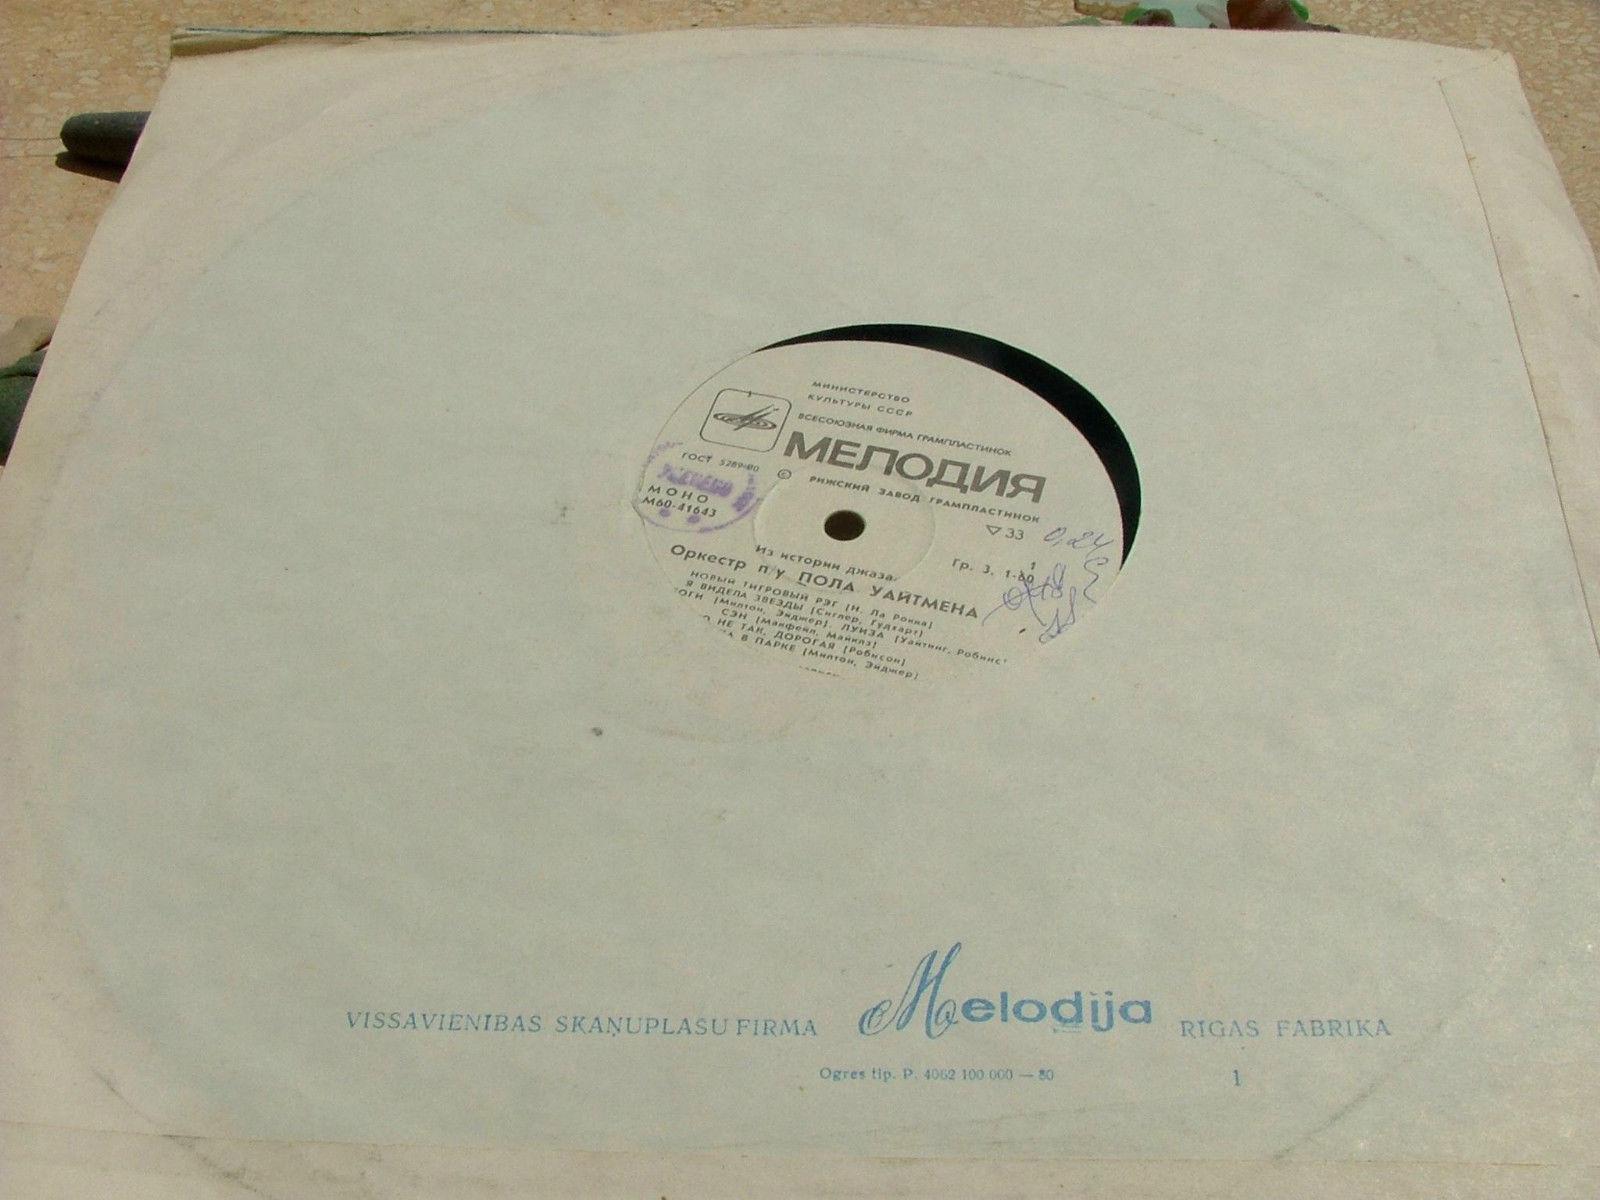 Whiteman Paul & His Orchestra -- From history jazz - Melodiya Rare Record image 3